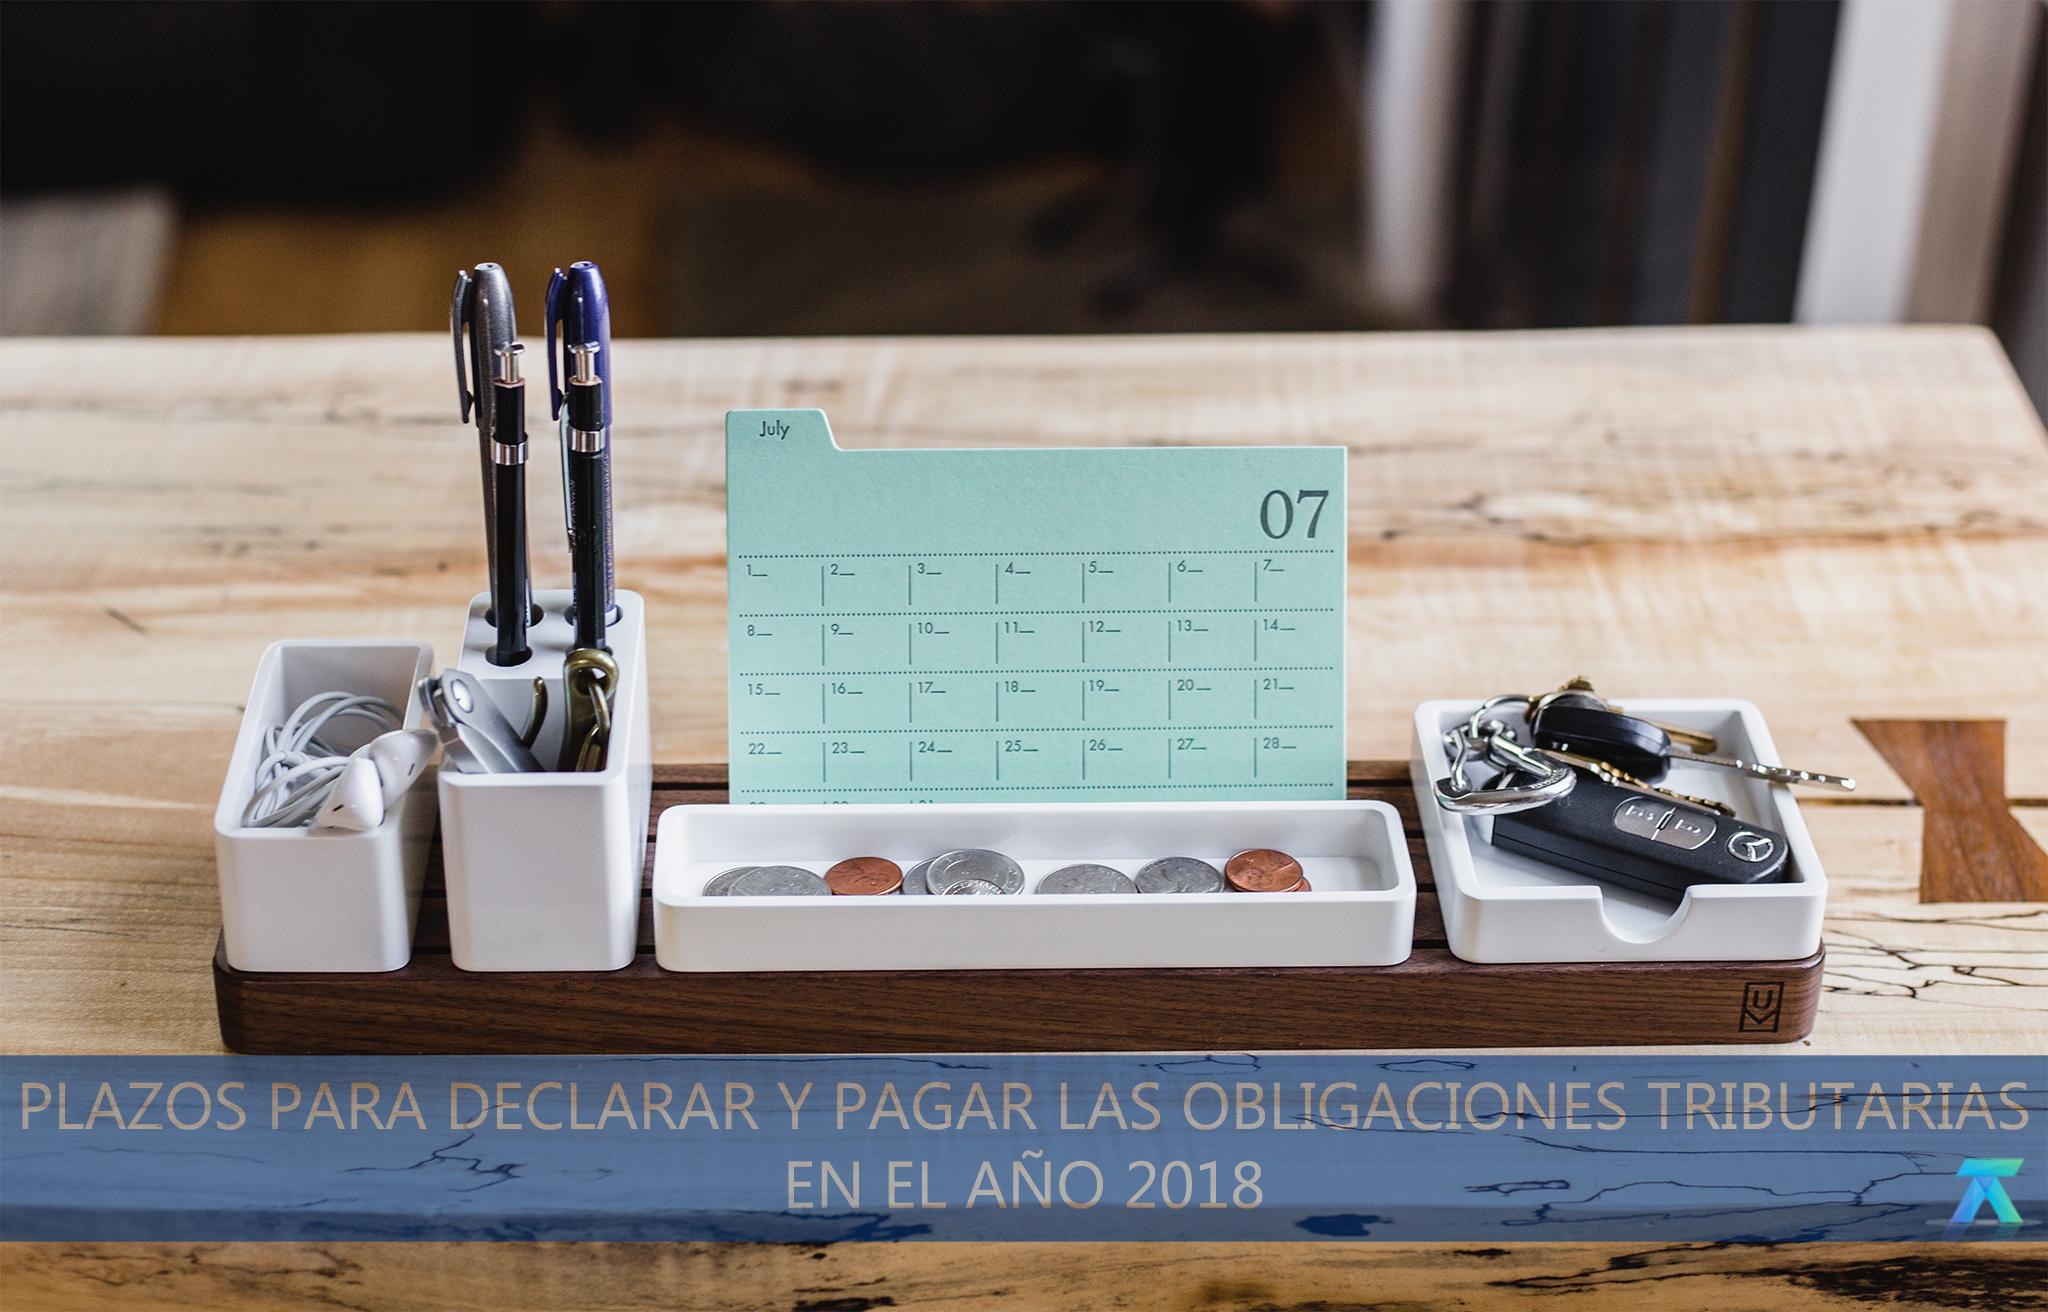 Plazos para declarar y pagar las obligaciones tributarias en el año 2018